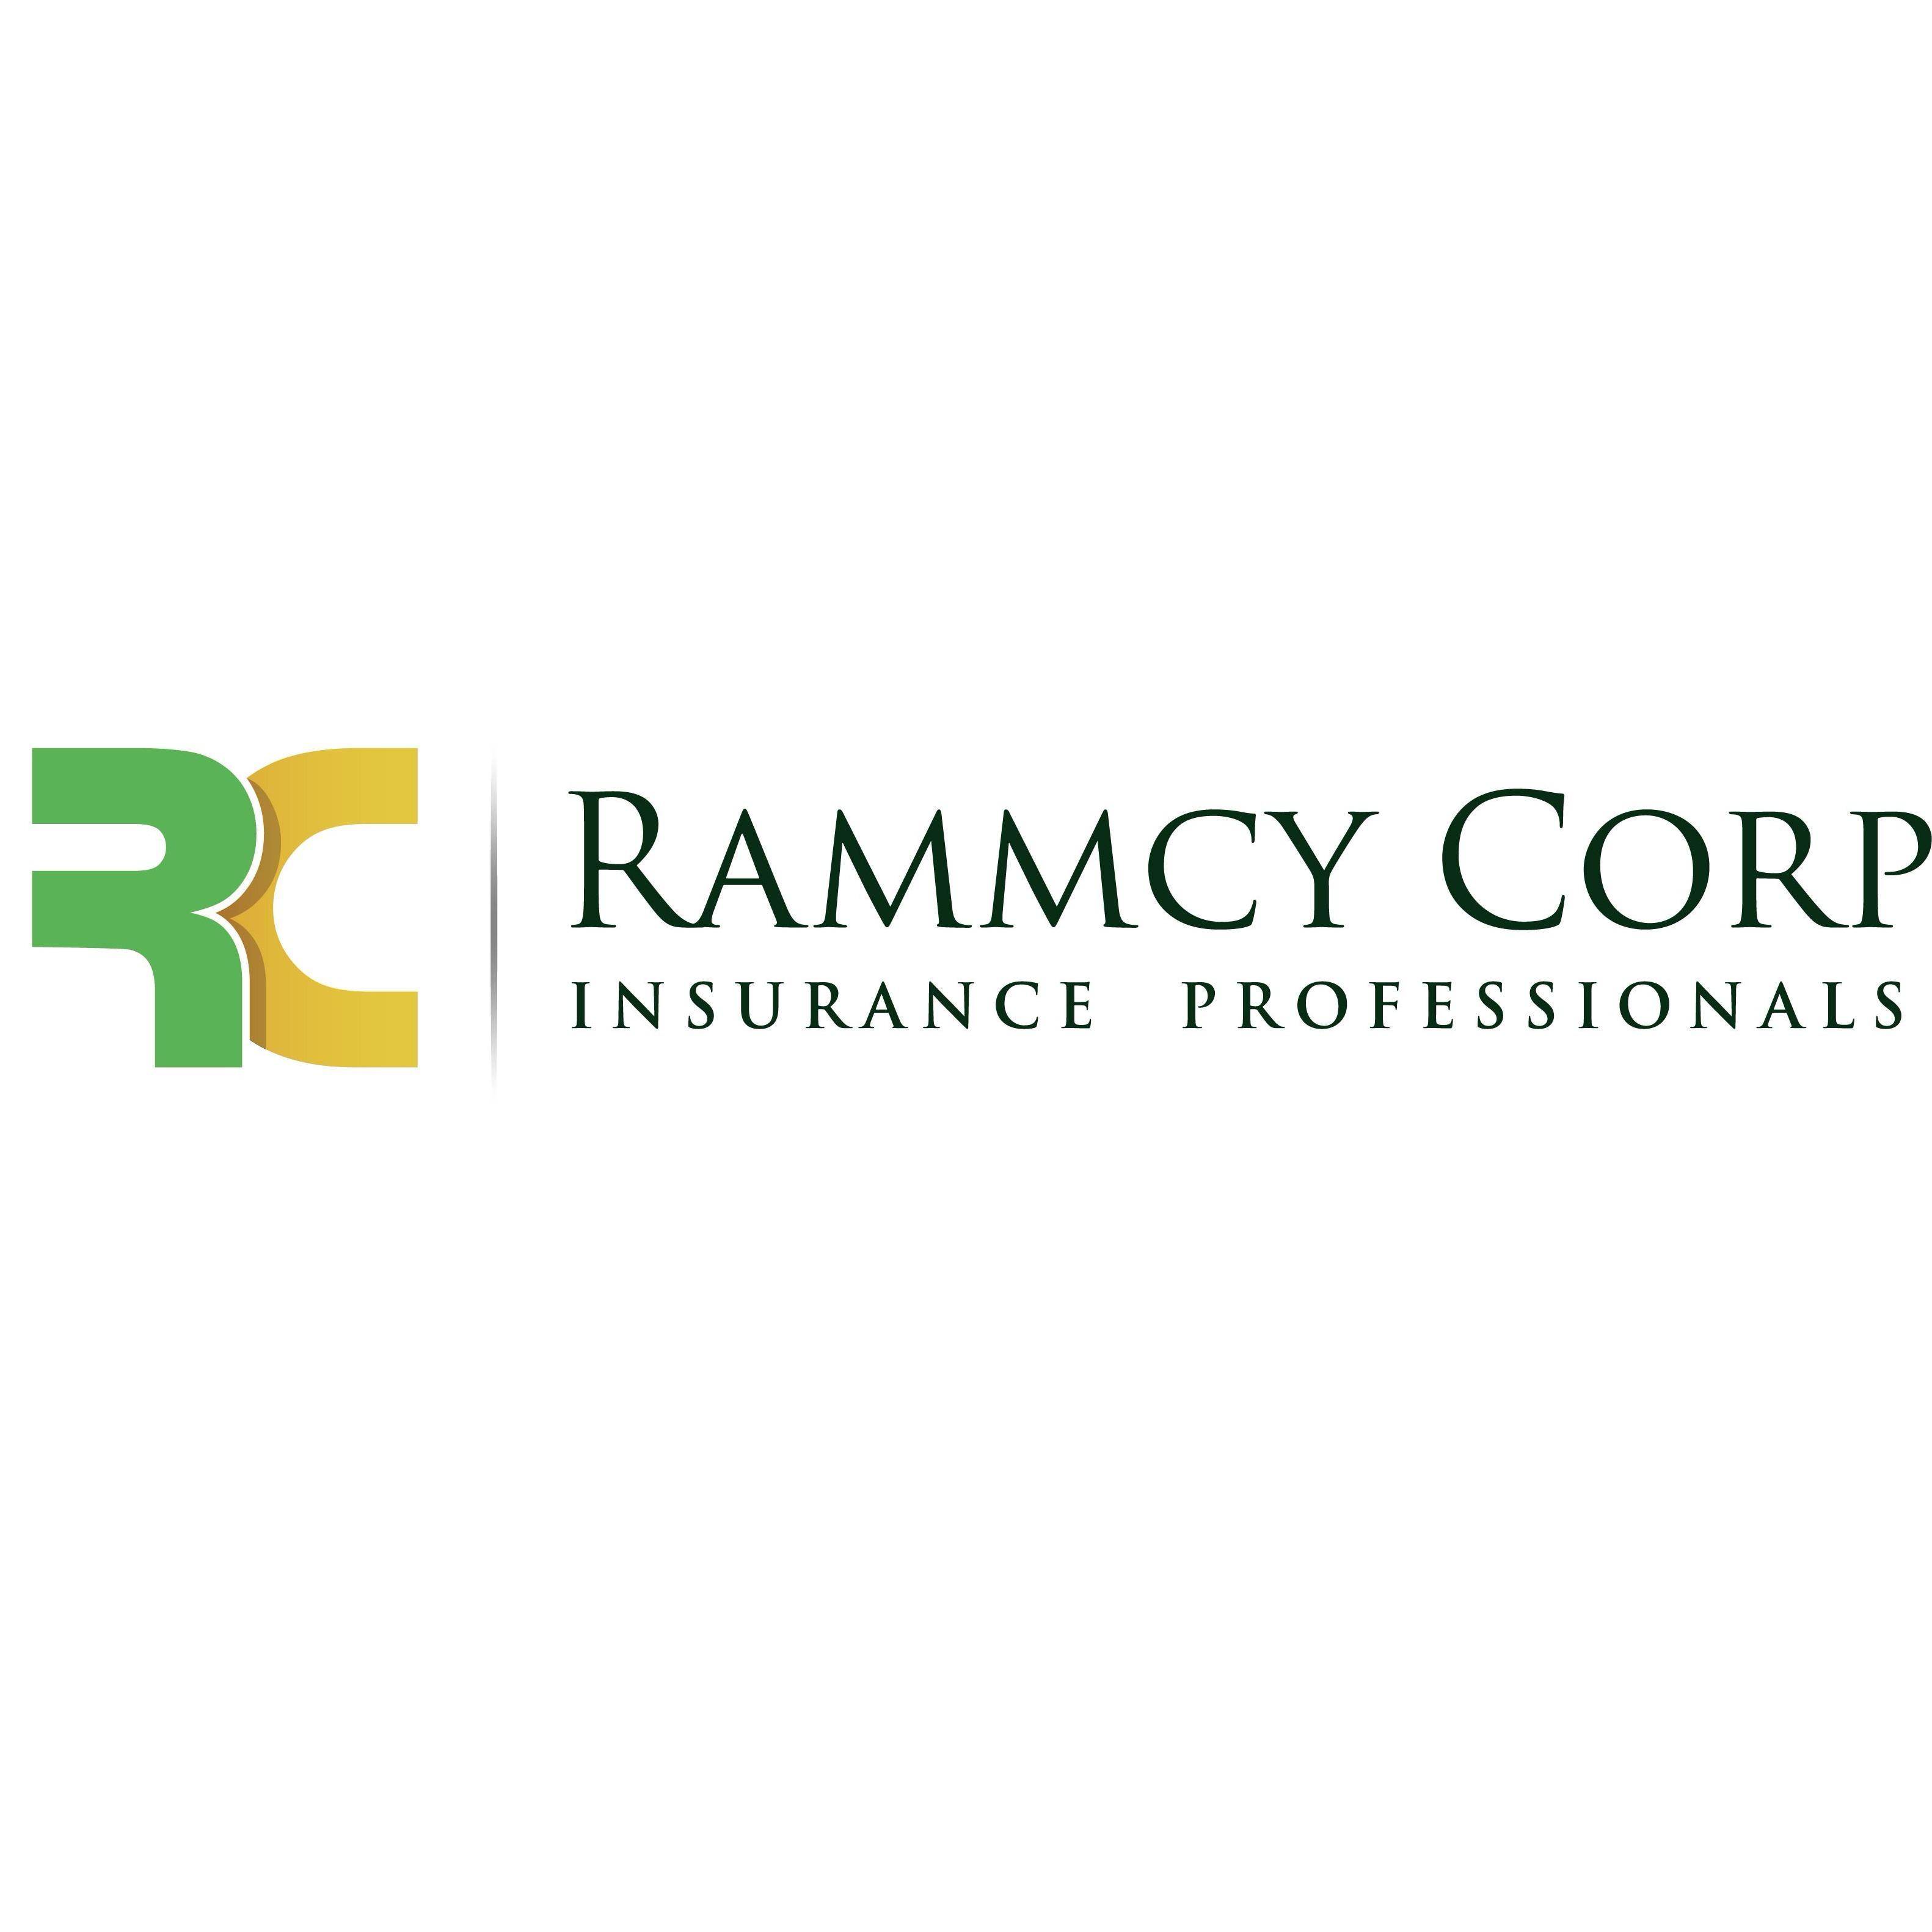 Rammcy Corp